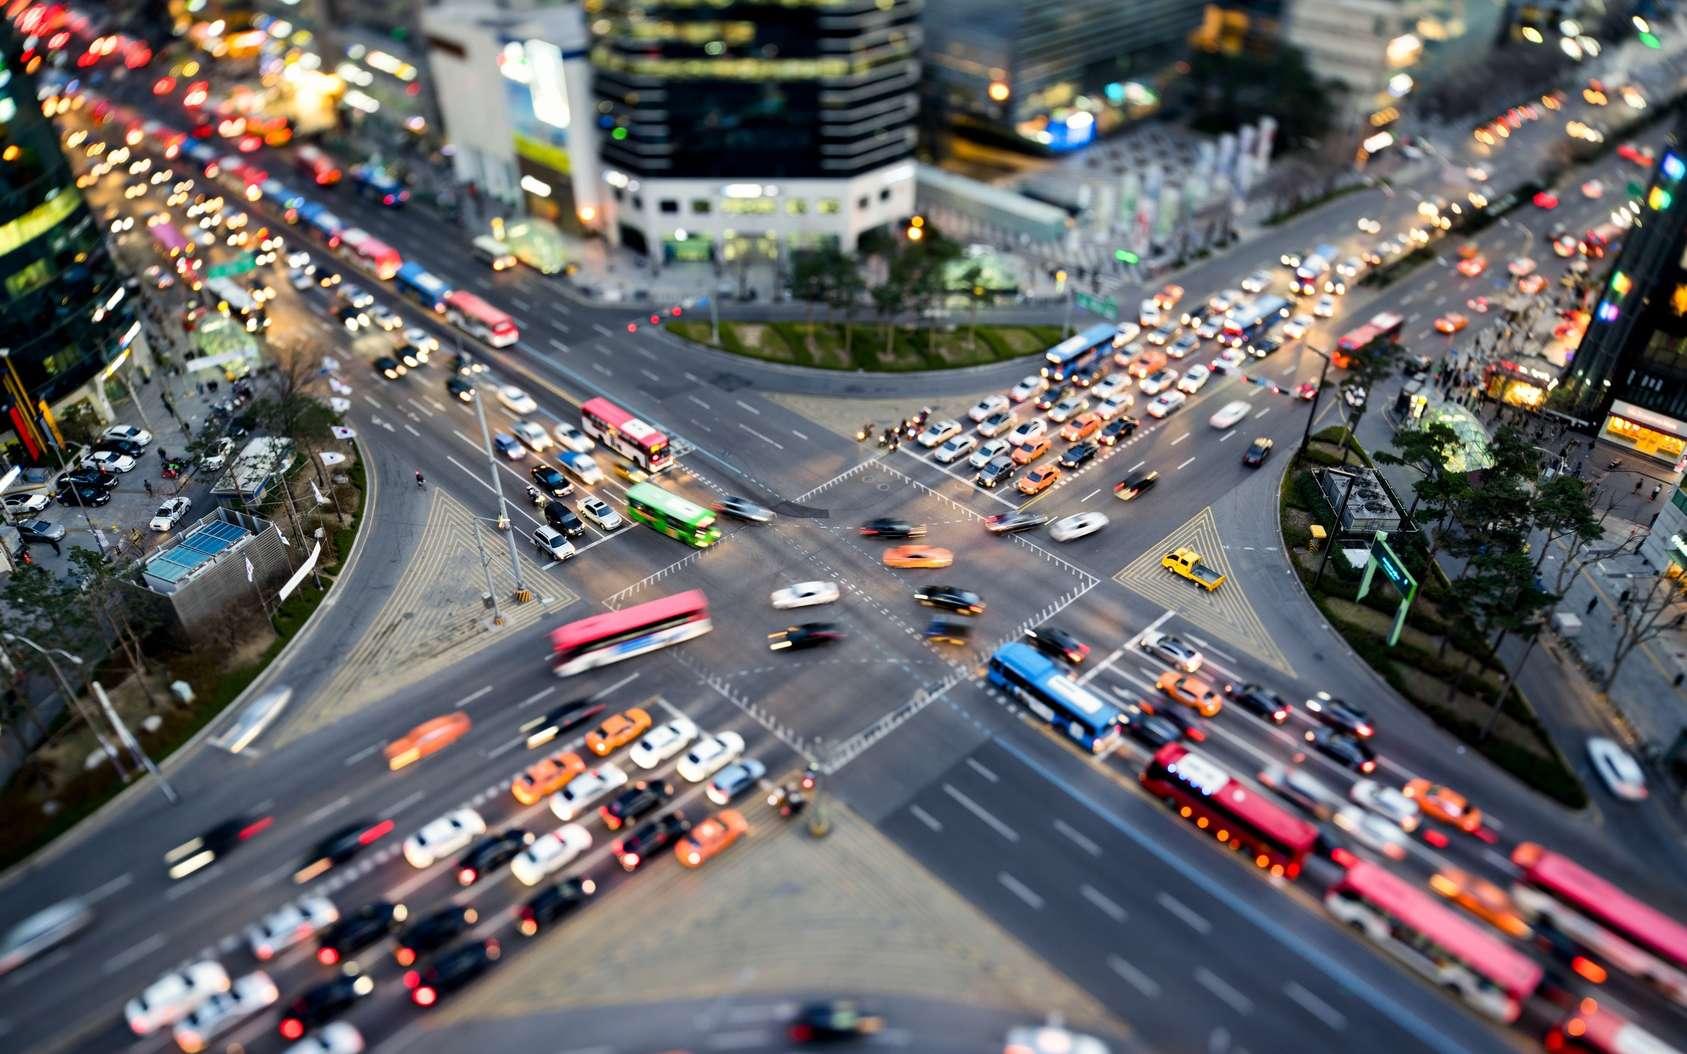 La proximité d'un axe routier semble néfaste à la santé. © eyetronic, Fotolia